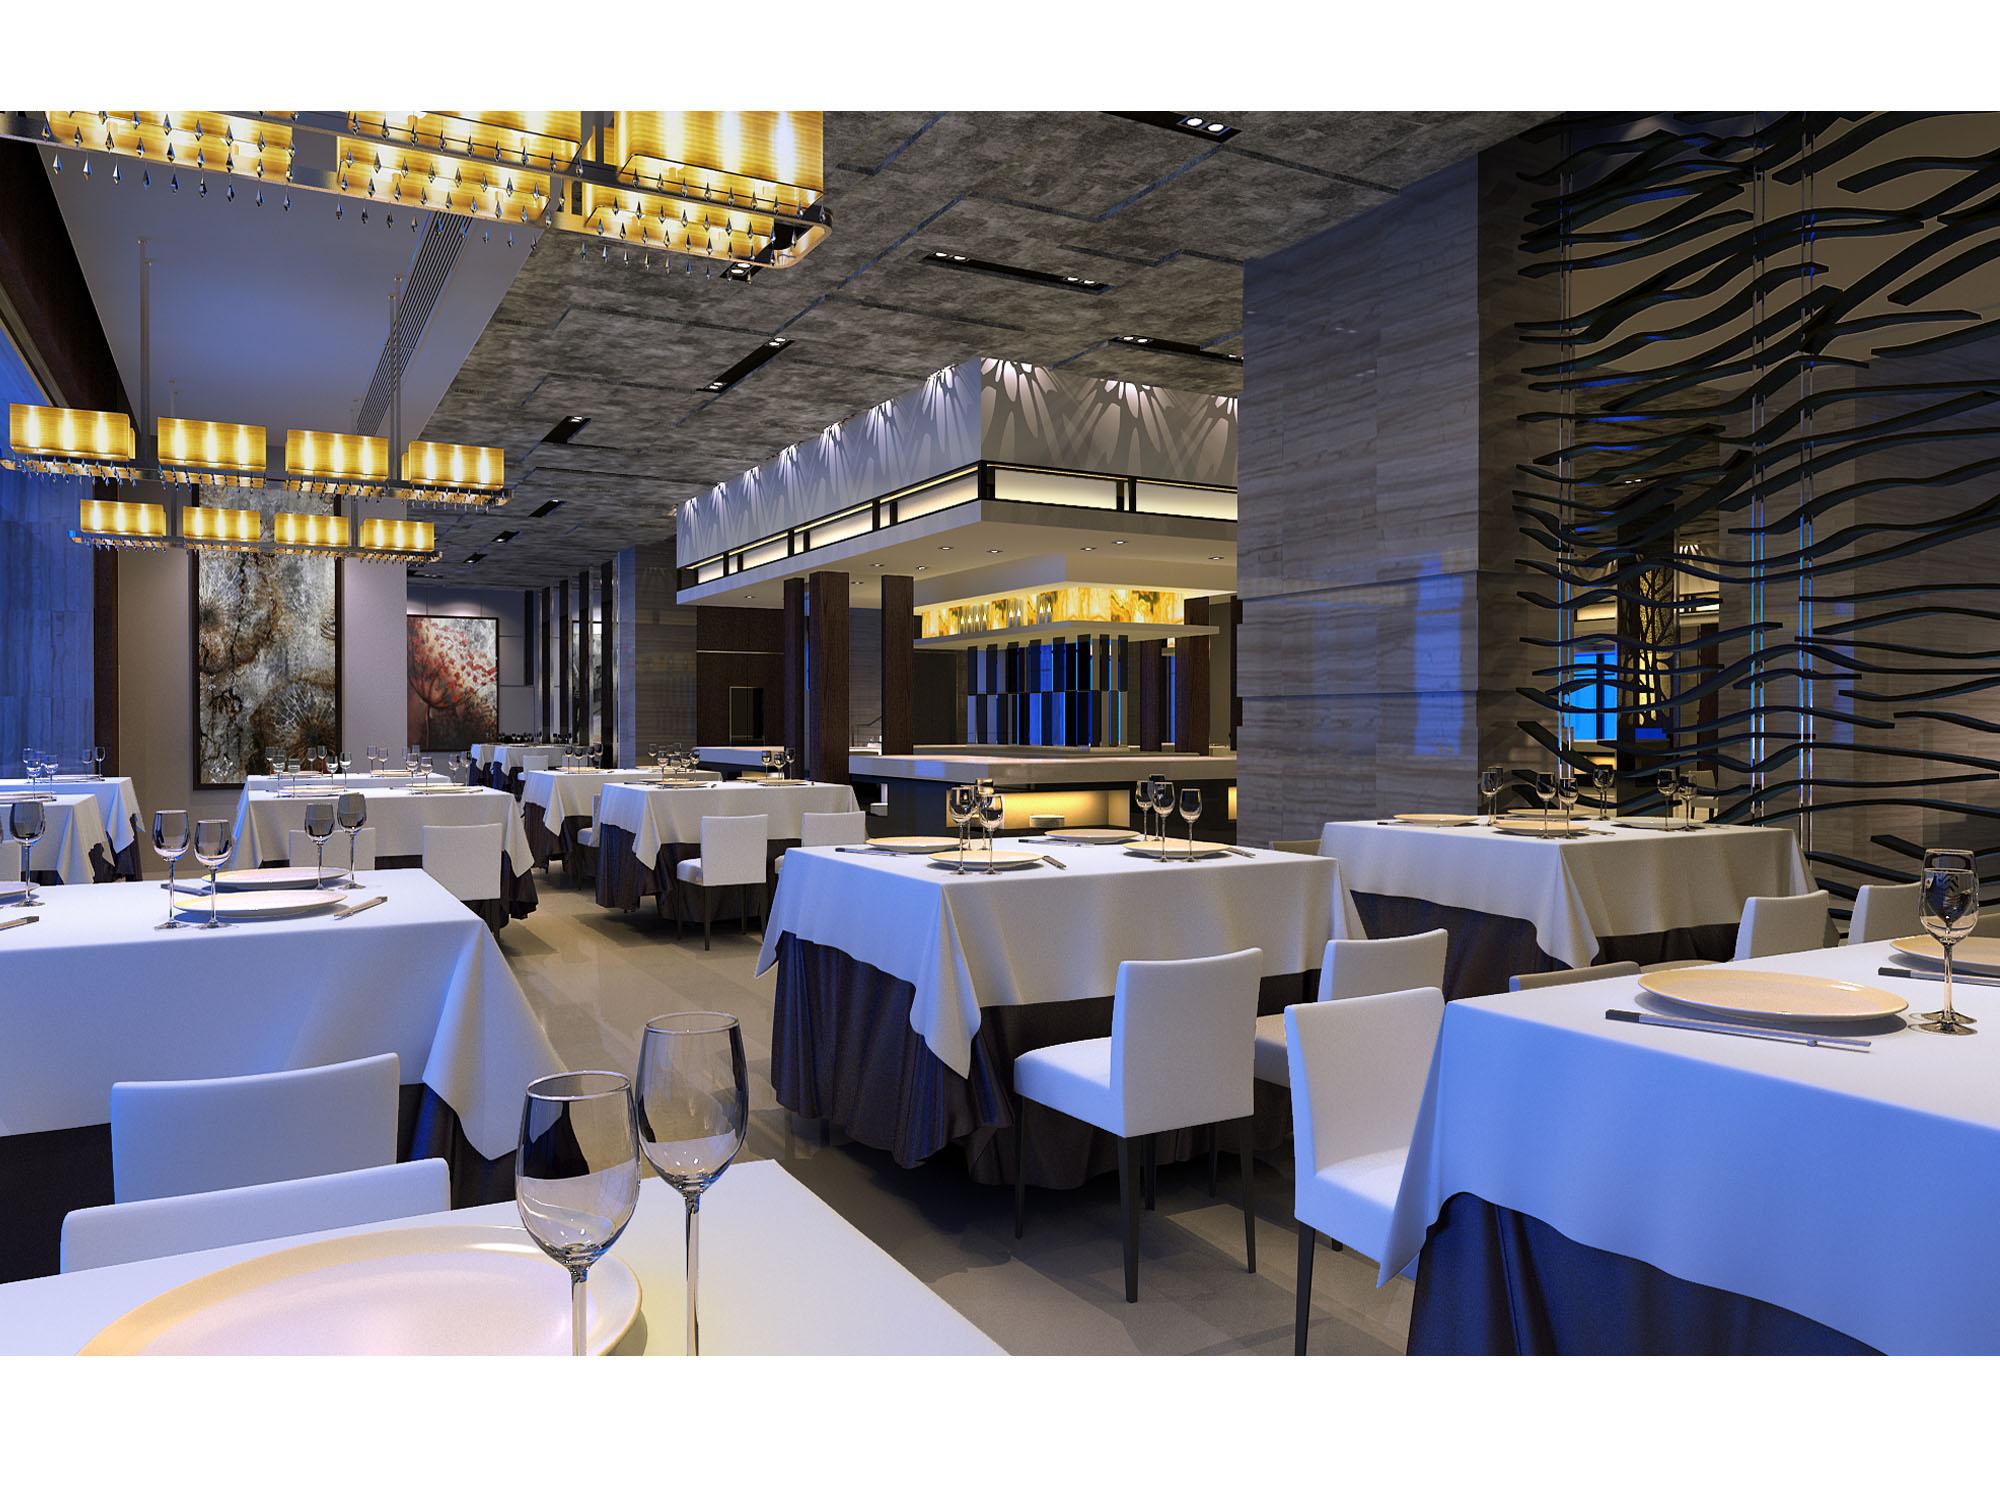 【客厅装修设计公司哪家好:餐厅装修设计资讯】是由【山东玖维装